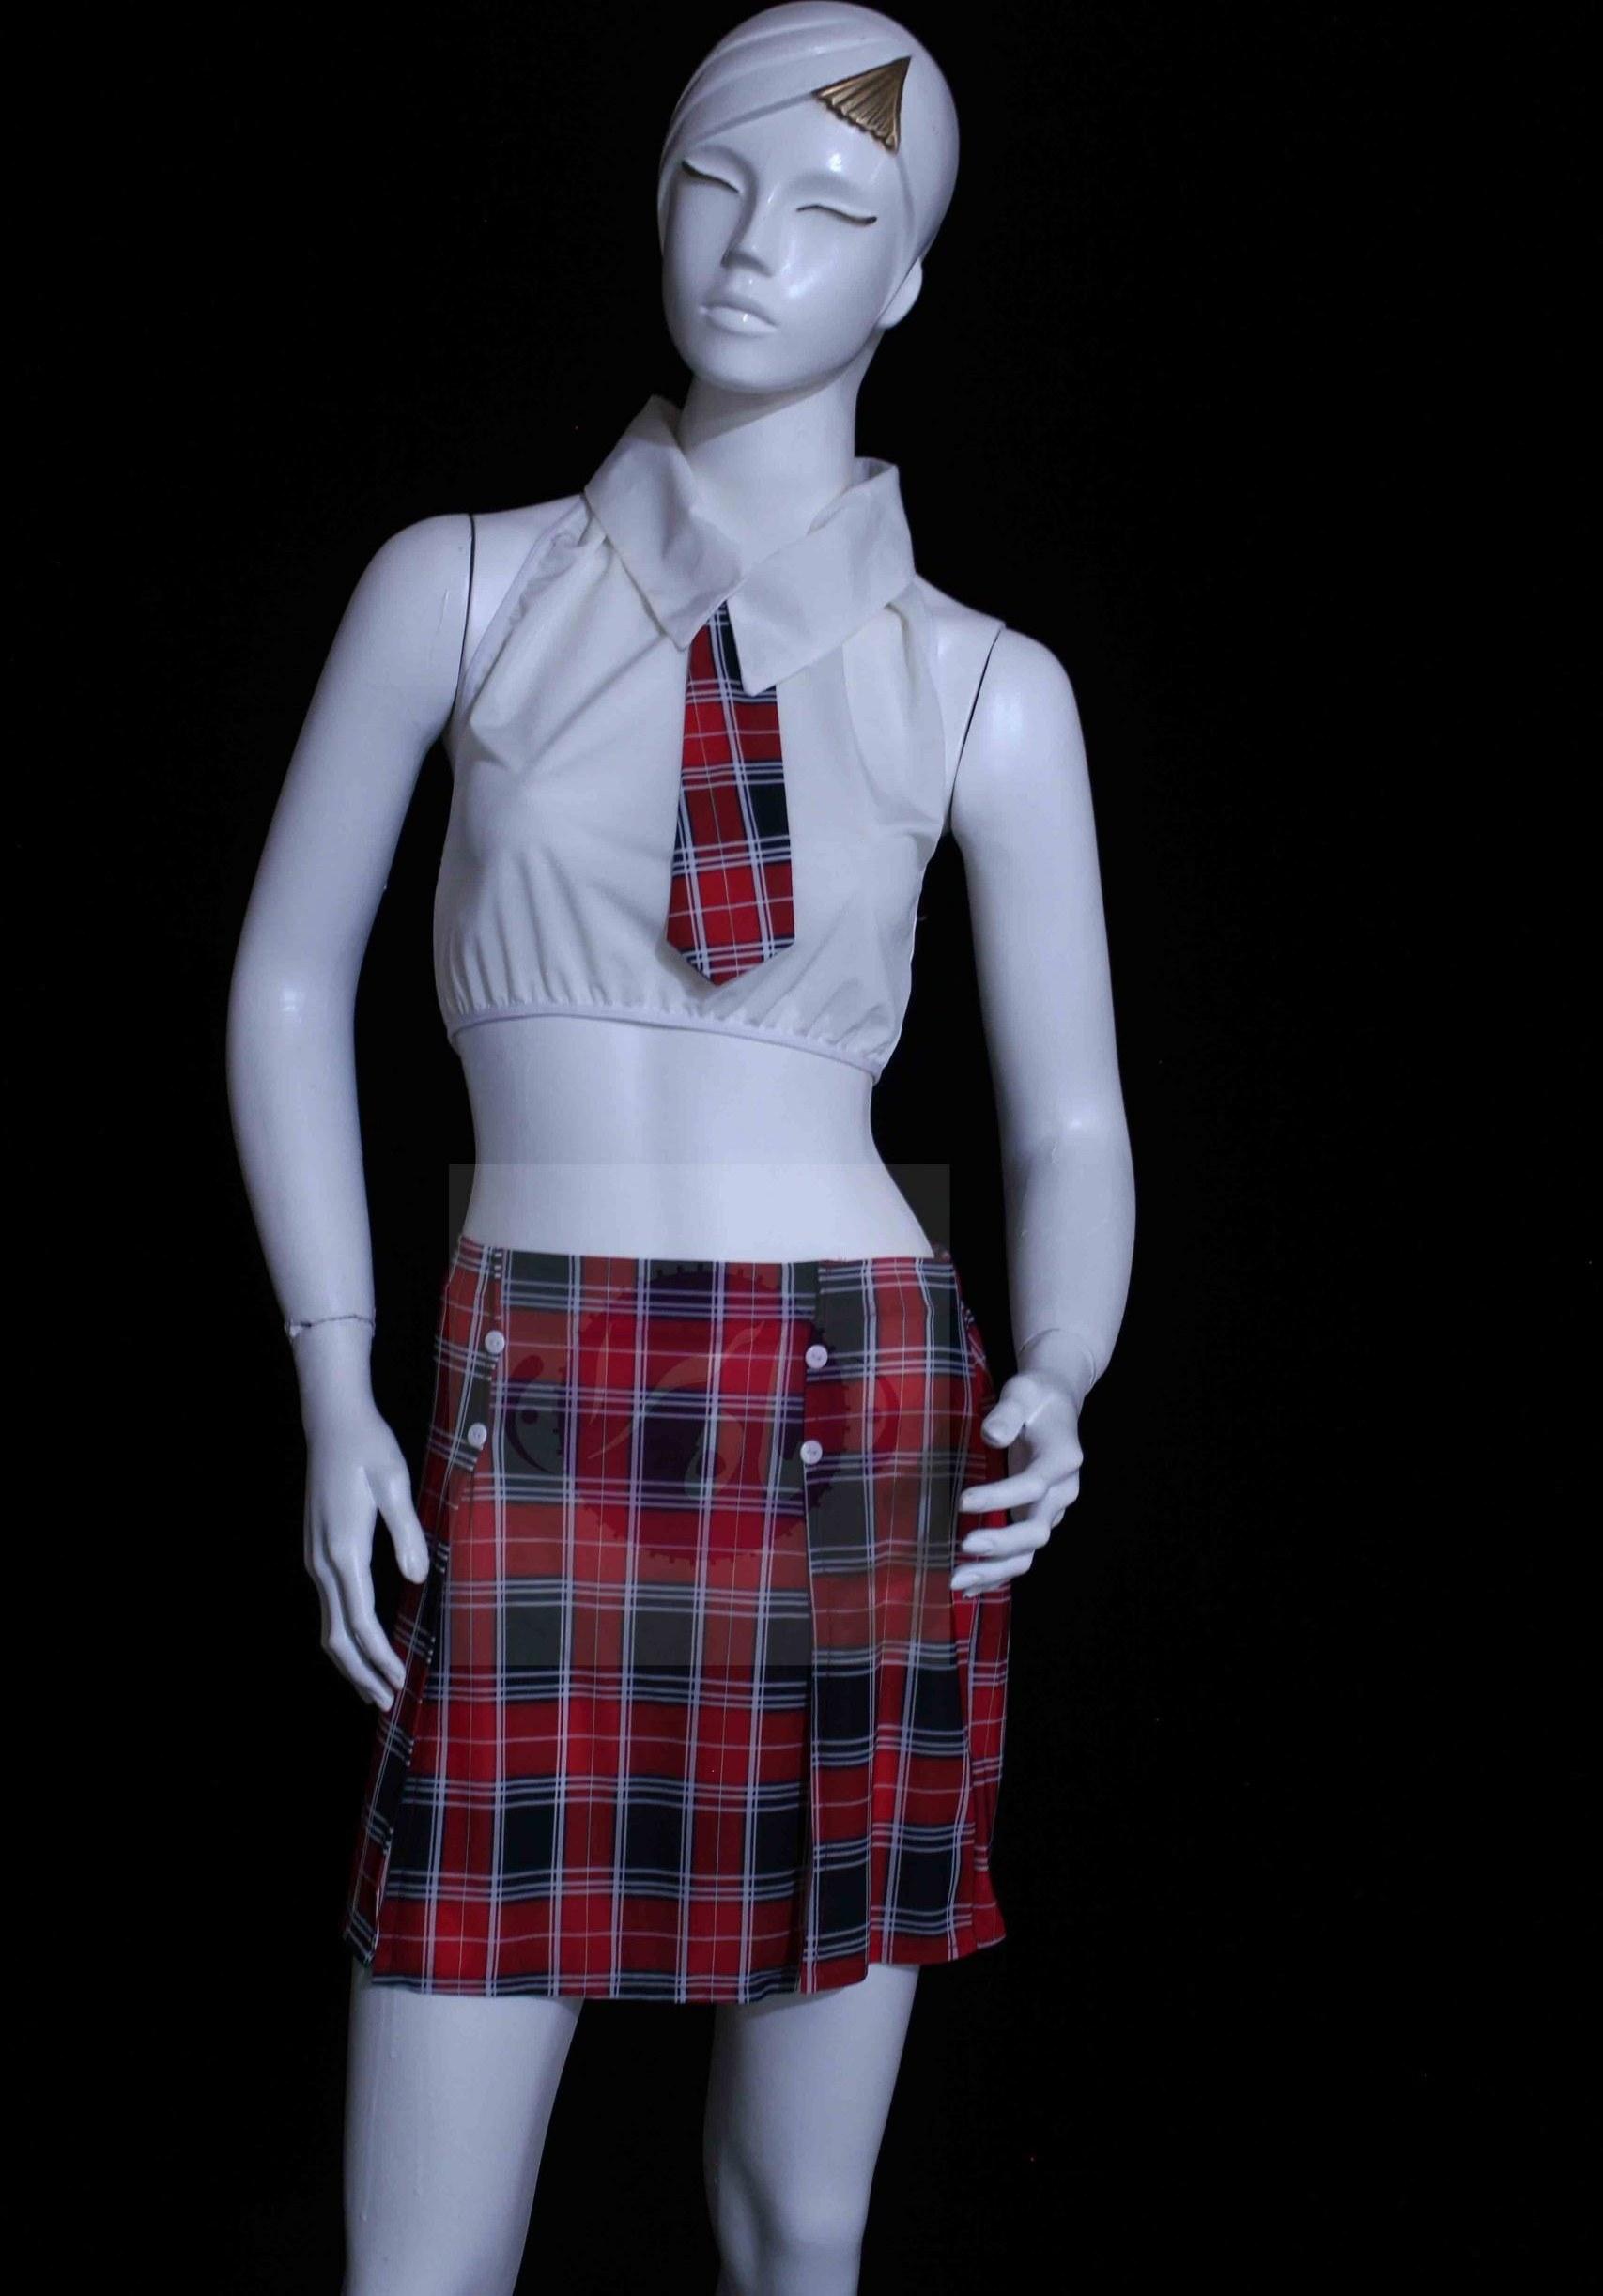 خرید و قیمت لباس فانتزی دانش آموزی زنانه